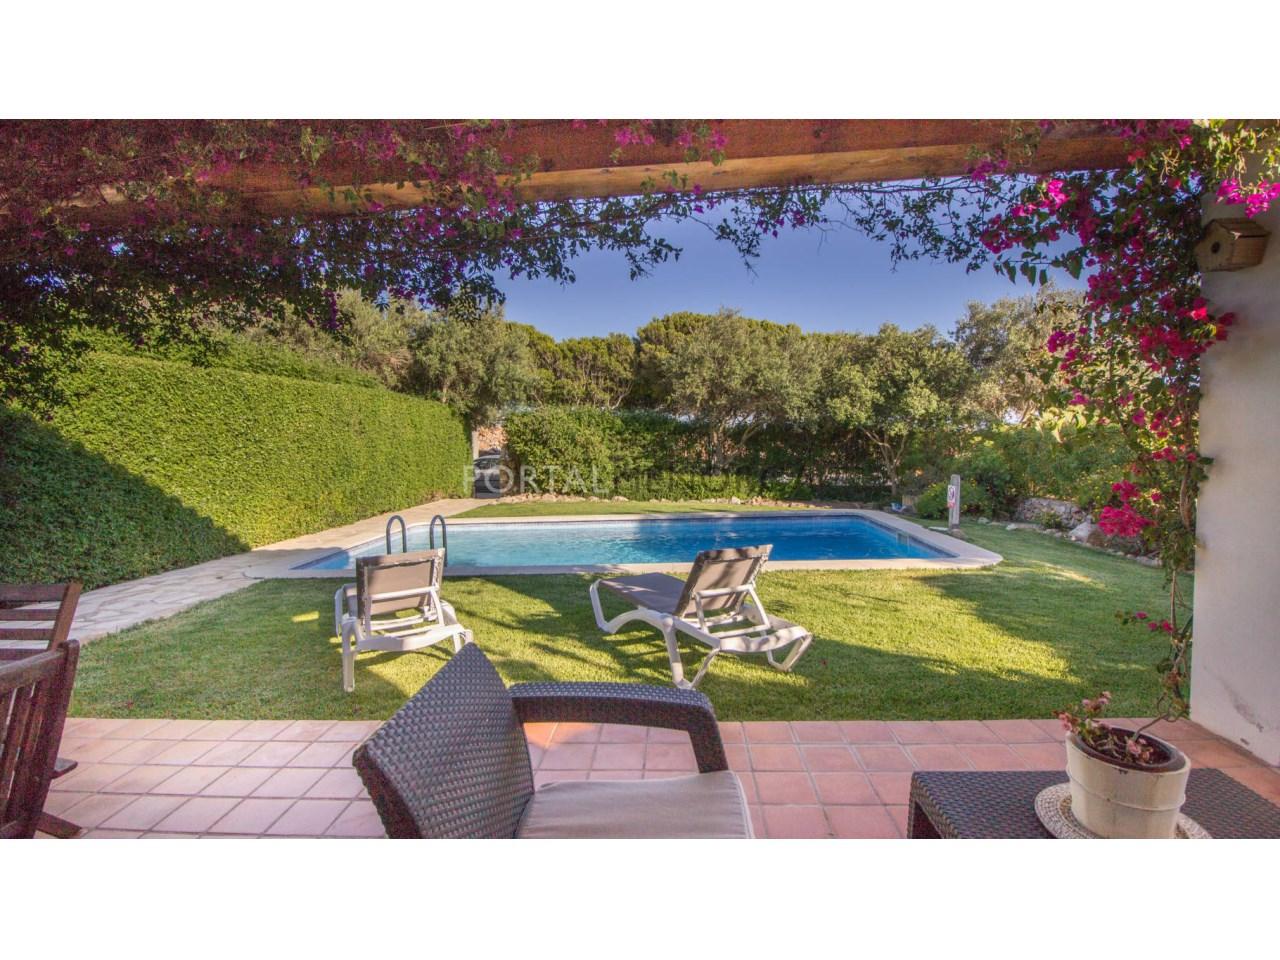 Chalet en vente con terraza cubierta en venta en Menorca